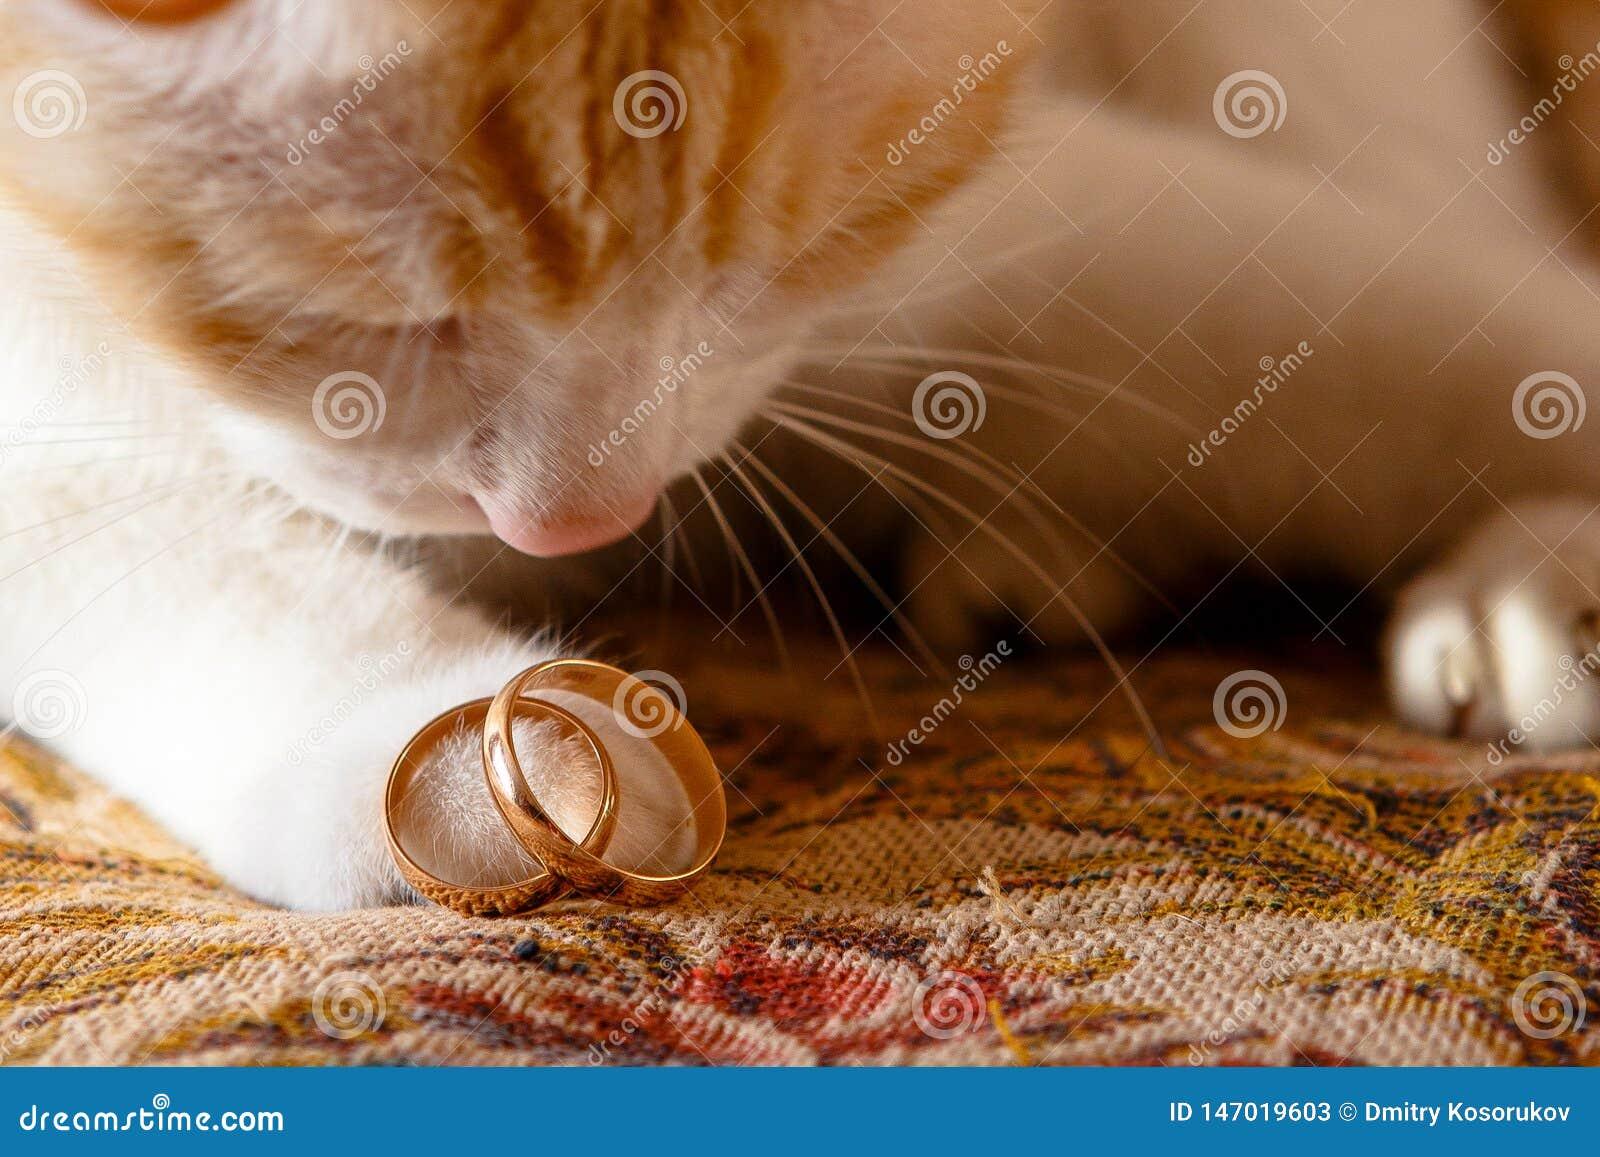 Обручальные кольца на ноге кота